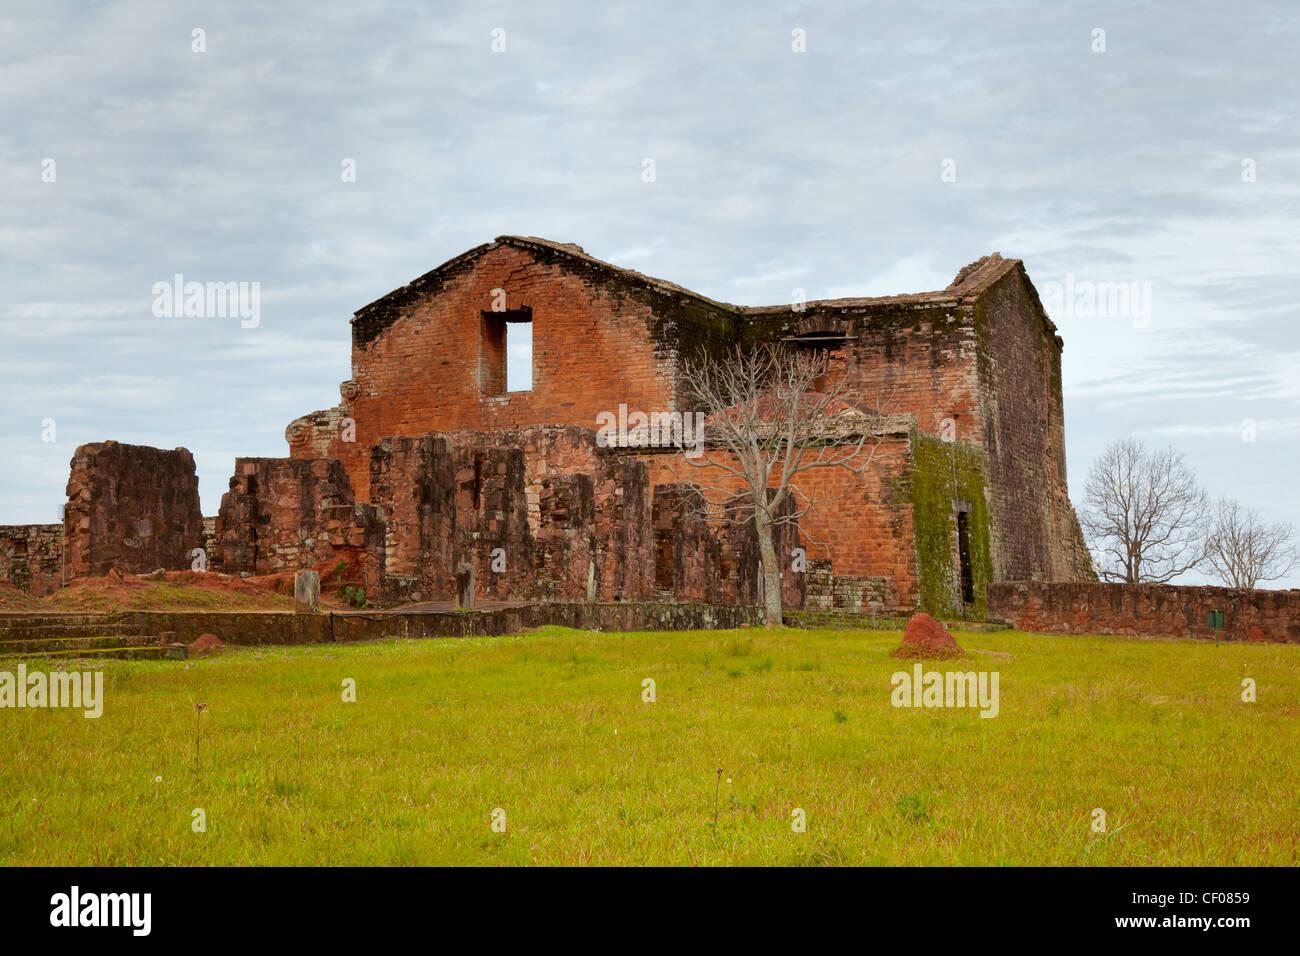 Jesuit Missions of la Santisima Trinidad de Parana, Paraguay - Stock Image